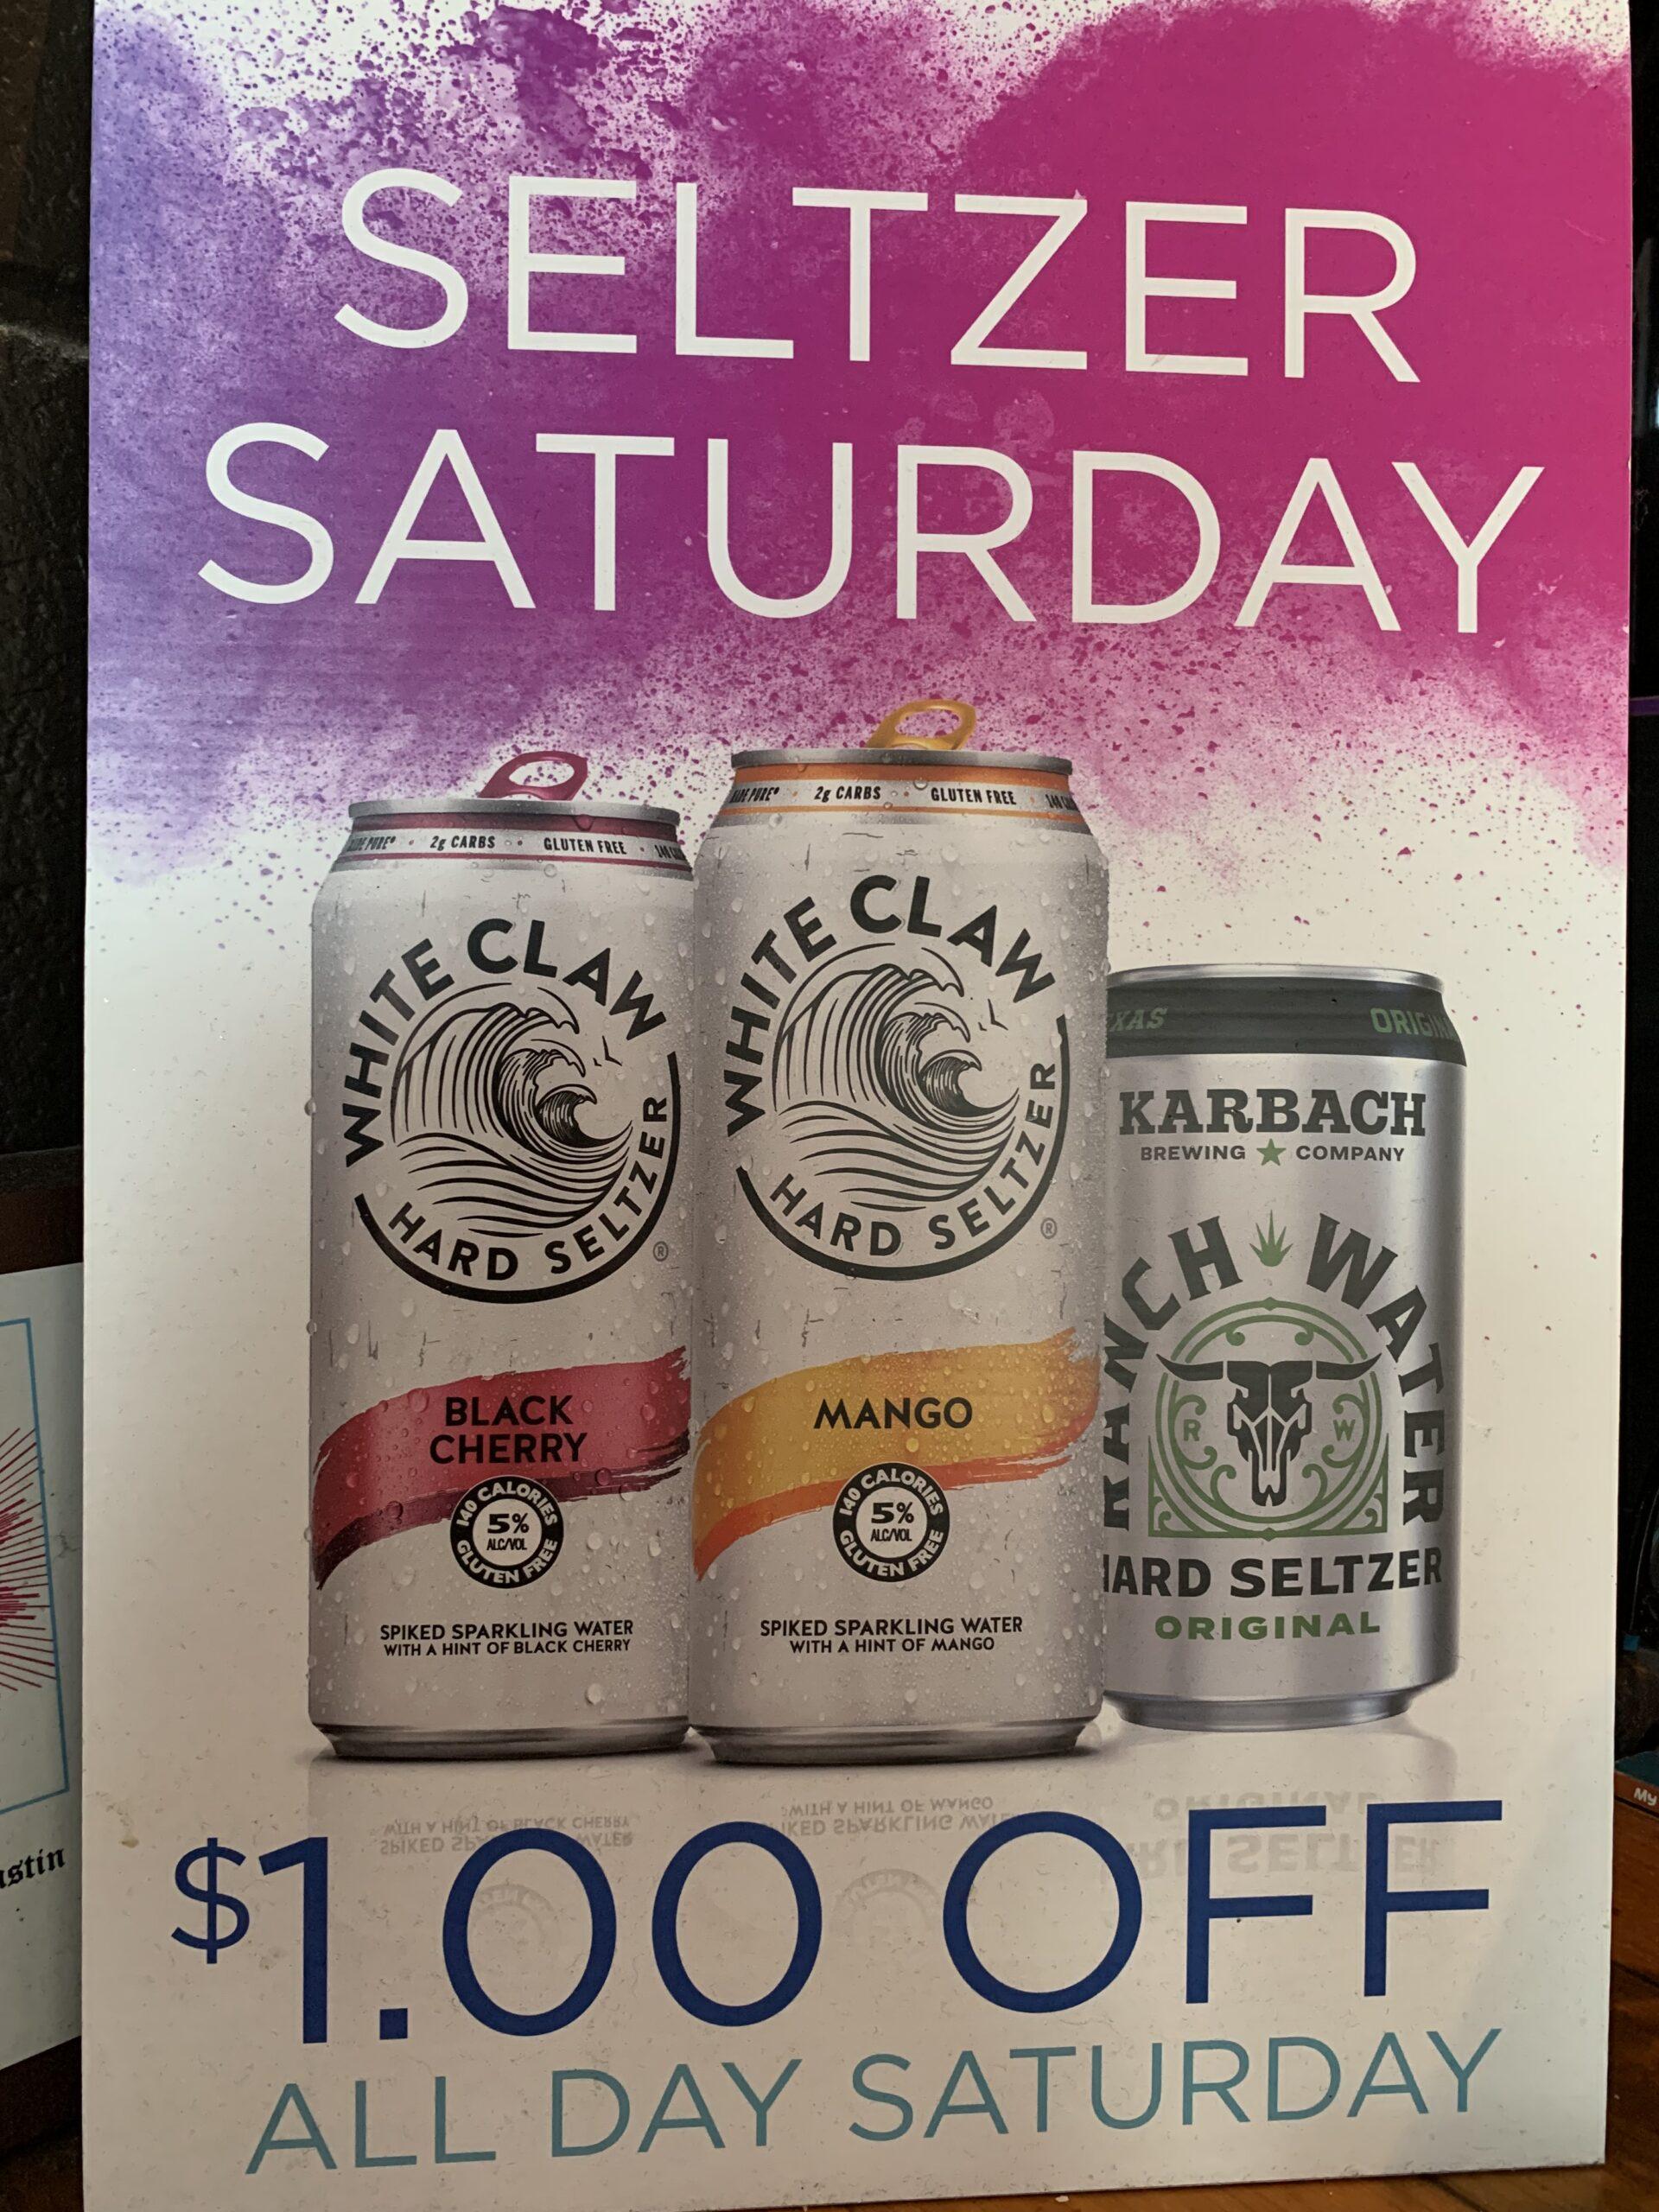 Seltzer Saturday